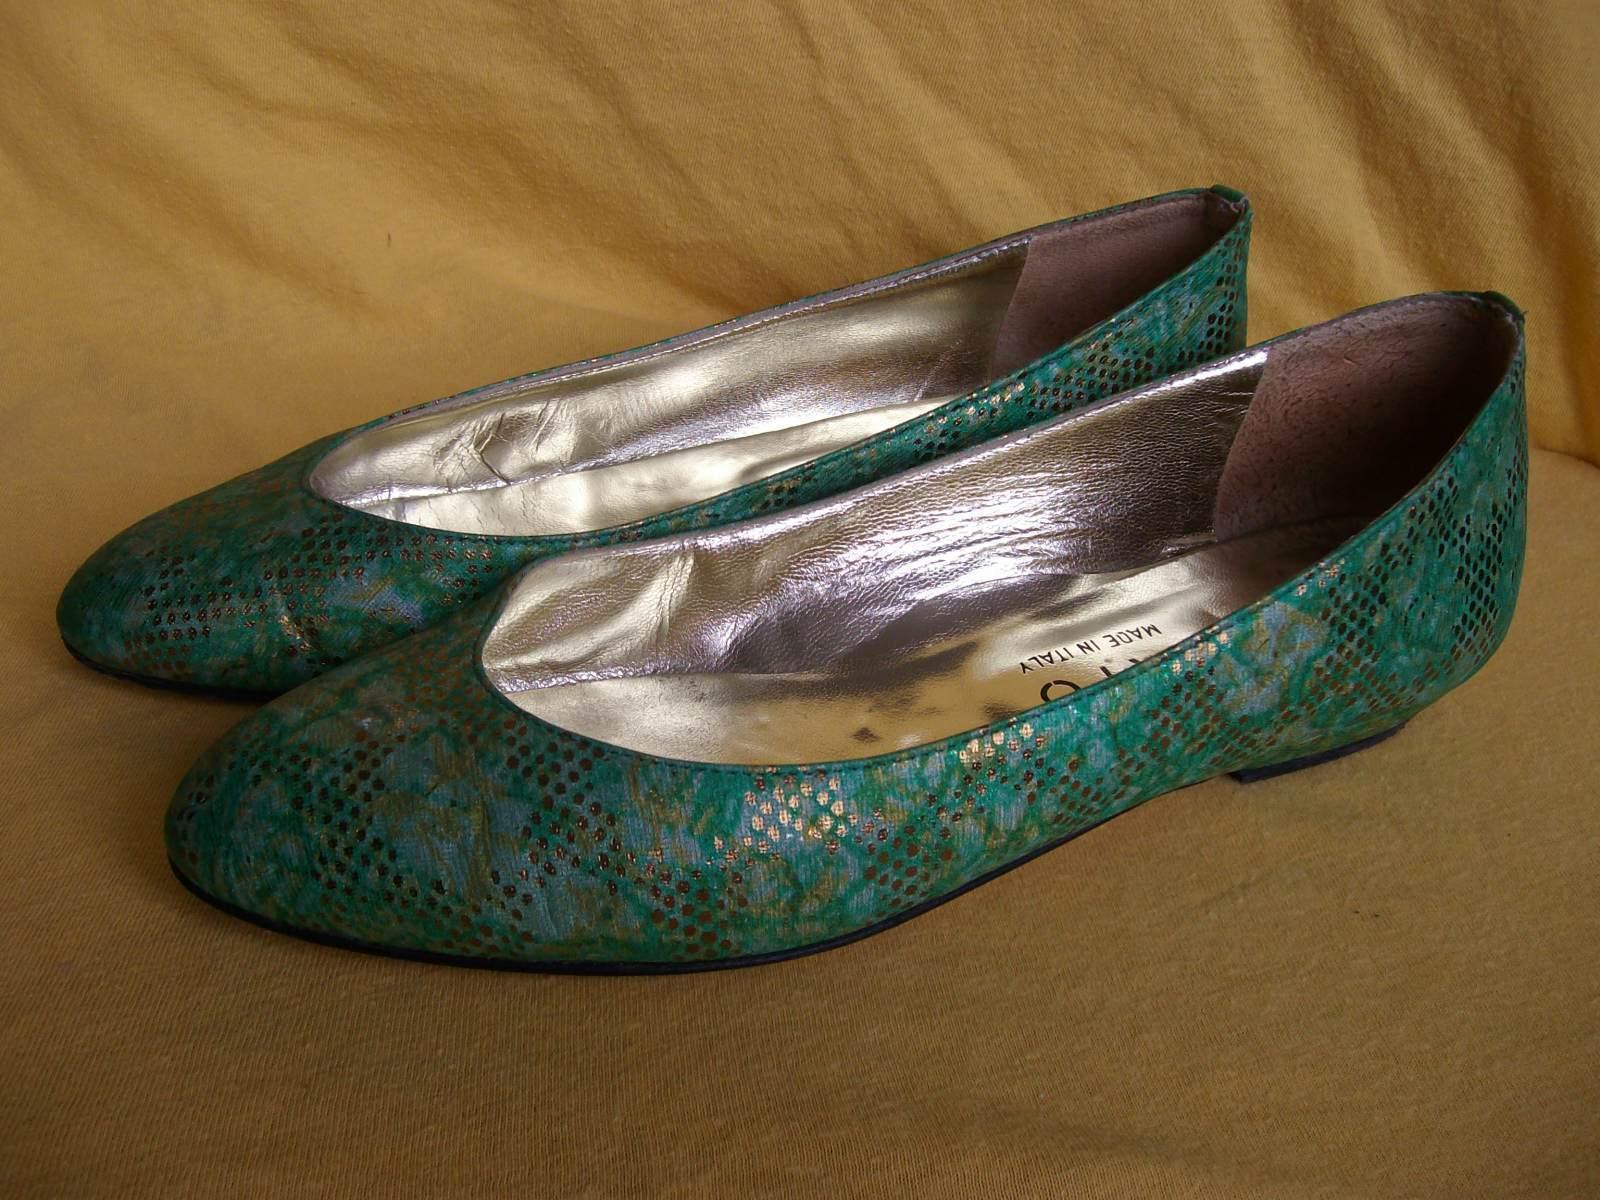 Damenschuhe - Pumps - Modell von - Bartu - Größe 37 - von grün-goldener Stoffschuh 8ed02c